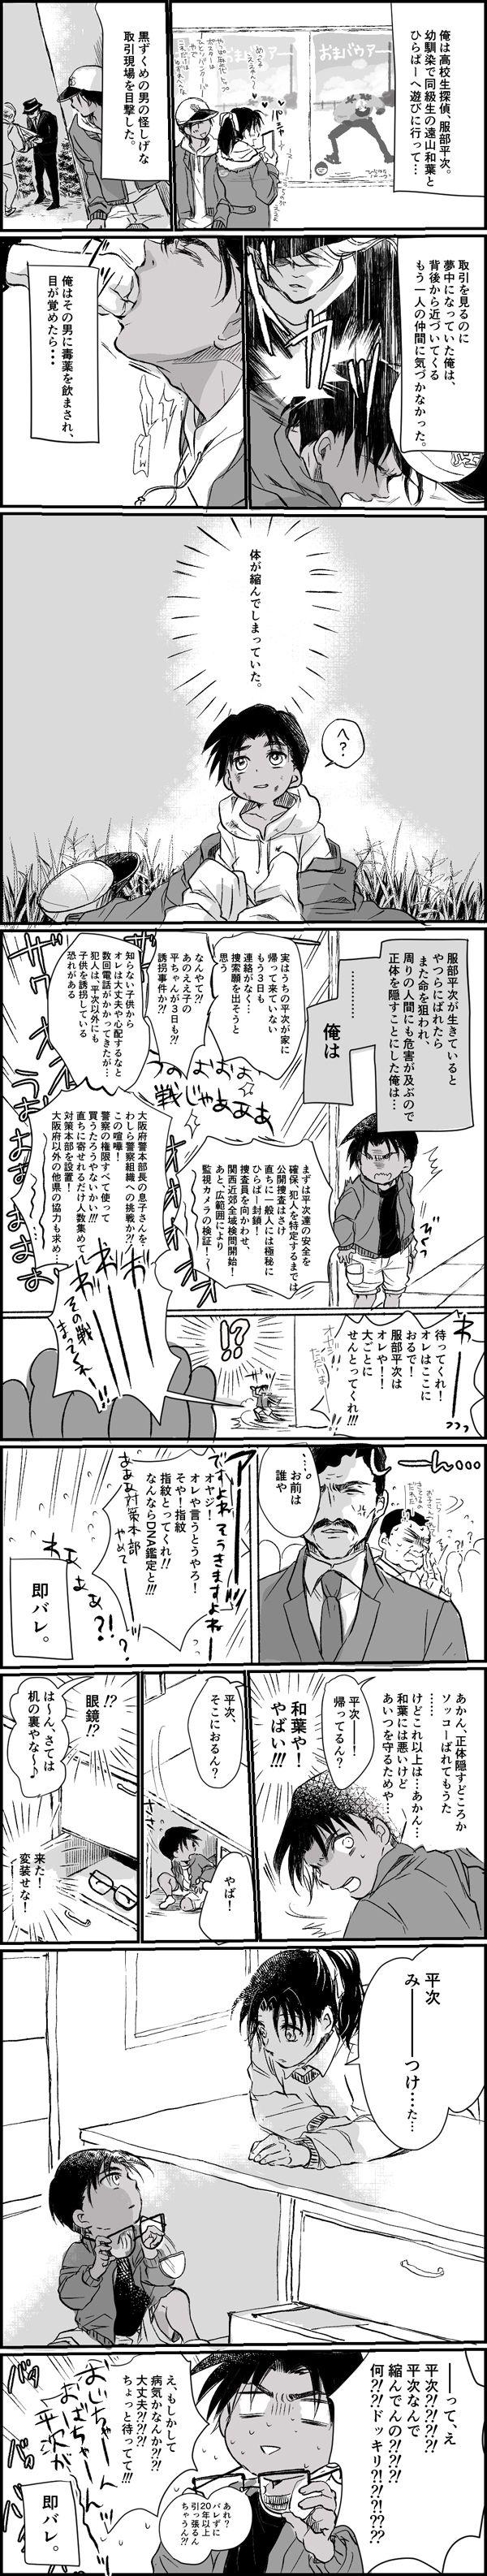 detective conan x magic kaito おしゃれまとめの人気アイデア pinterest nakamori aoko コナン おもしろ 名探偵コナン コナン